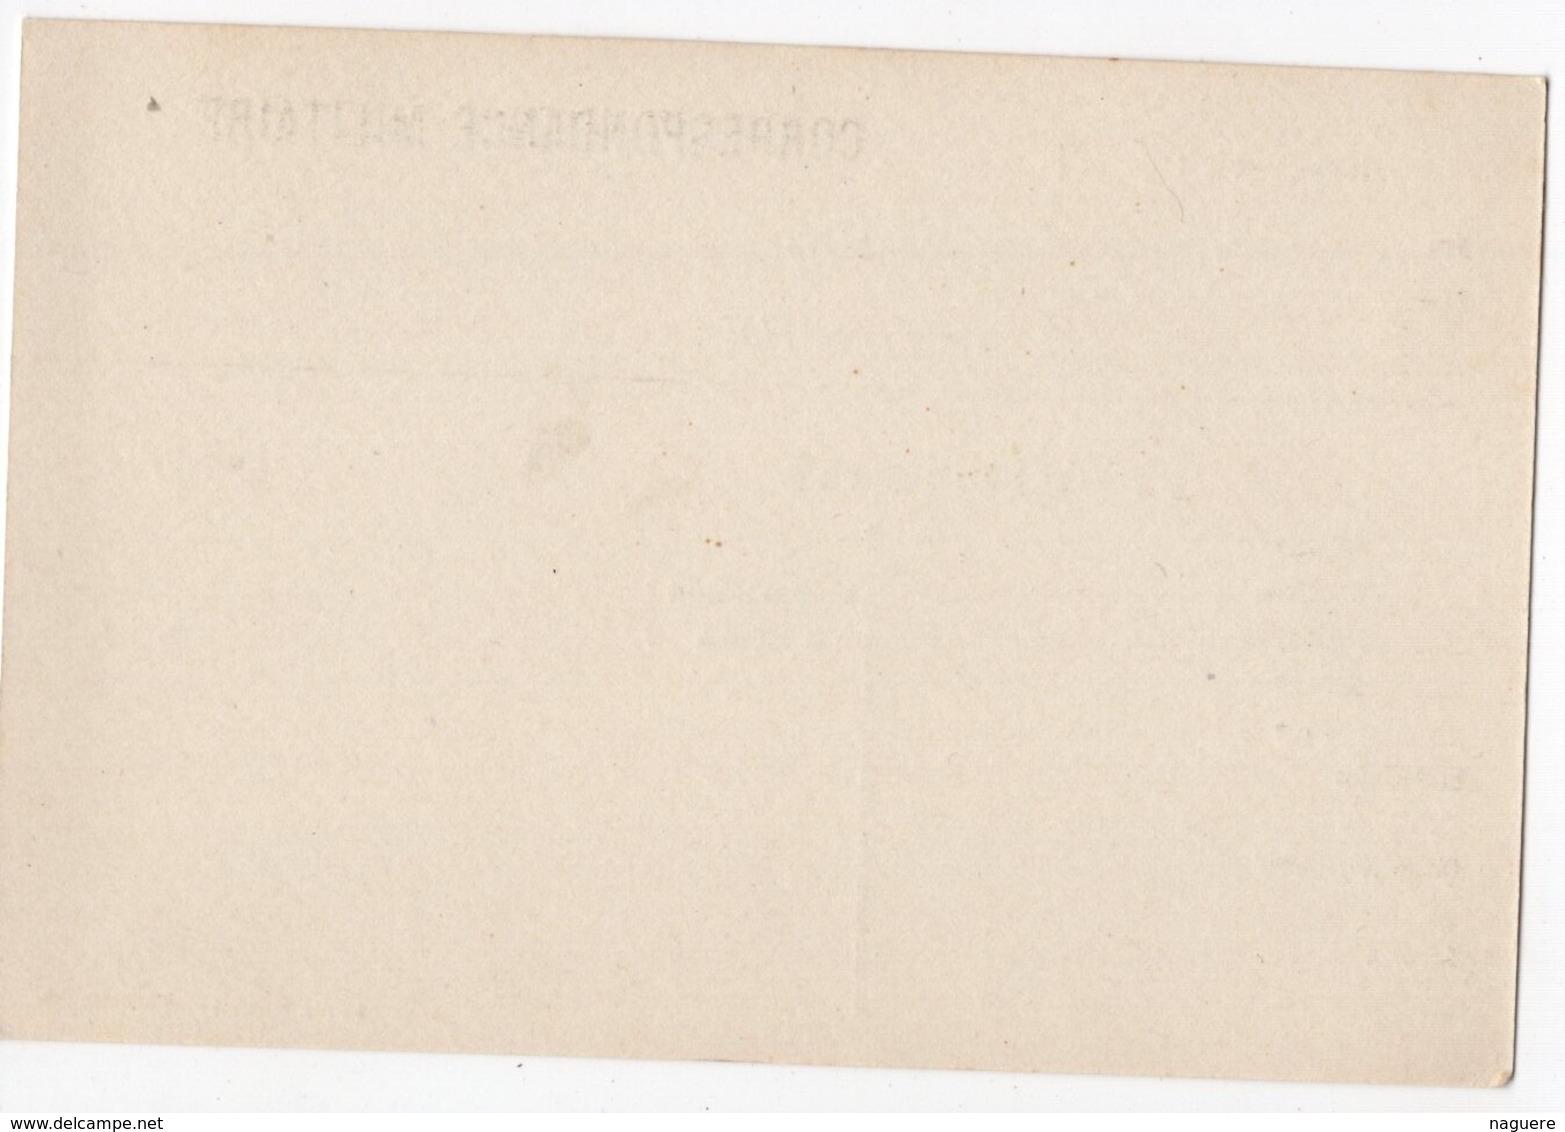 CORRESPONDANCE MILITAIRE  CARTE NEUVE PAS ECRITE - Marcophilie (Lettres)